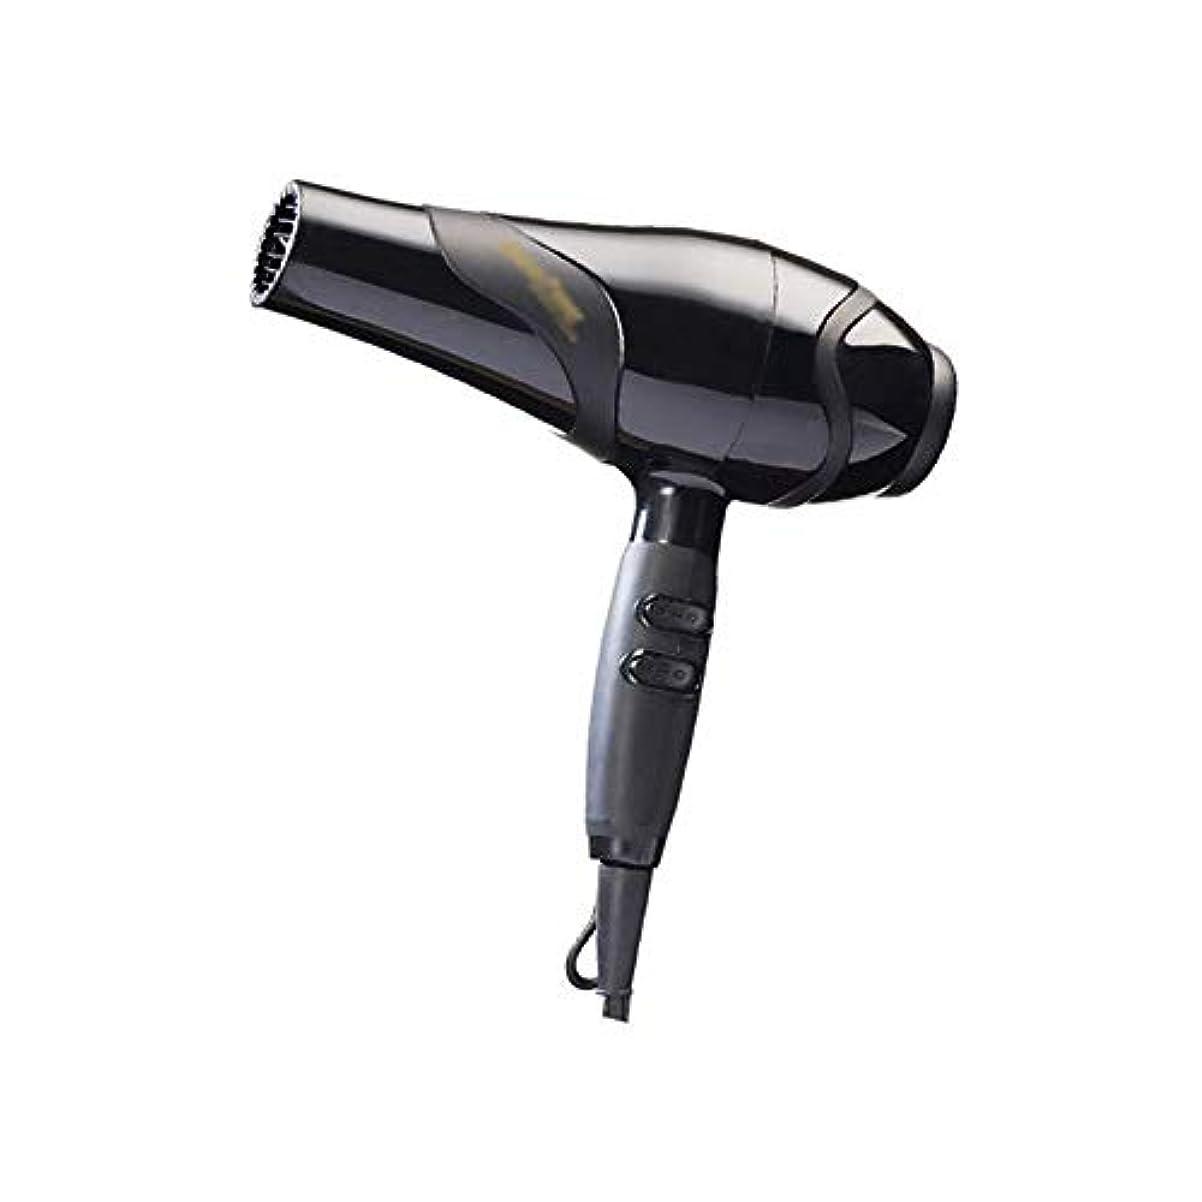 帳面必要条件が欲しいZHANRIYA Salon Proヘアドライヤー、無料のヘアスタイリング、ディフューザーおよびコンセントレーターアタッチメント付き、2300W。 (色 : 黒)